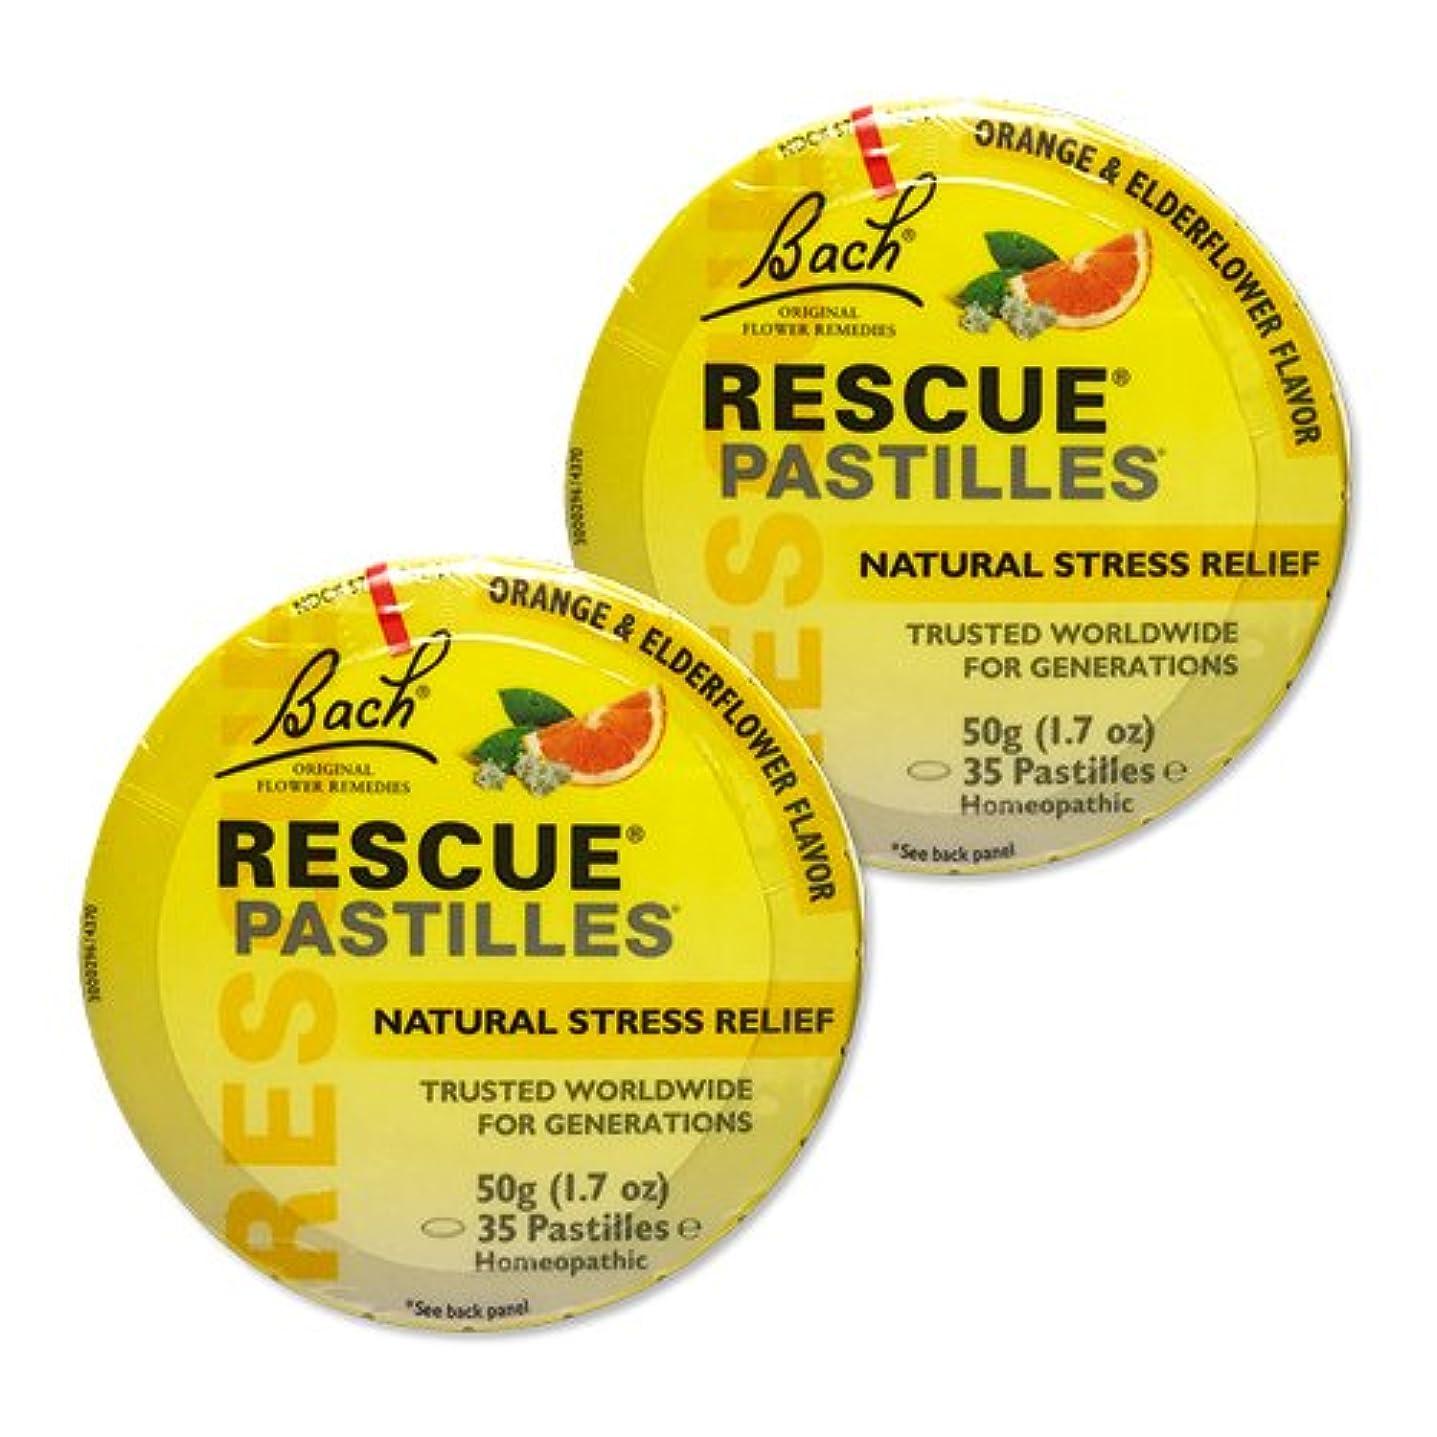 神社参加する文房具【2個セット】 [海外直送品]バッチフラワー レスキューレメディー パステル(オレンジ) Rescue Pastilles: For Occasional...